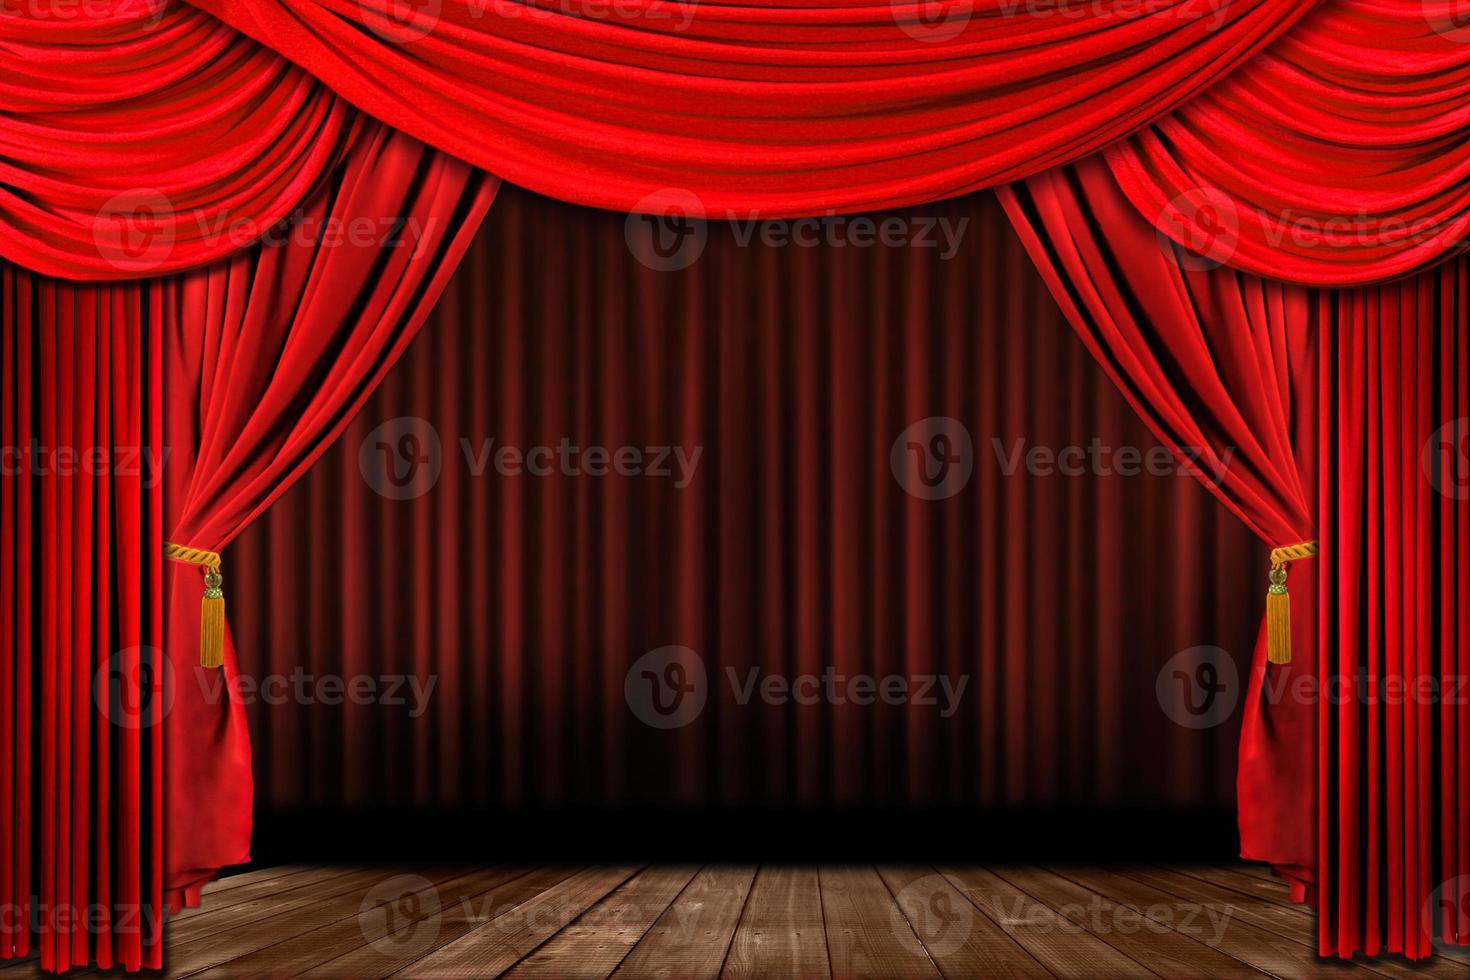 palcoscenico teatrale elegante vecchio stile rosso drammatico foto